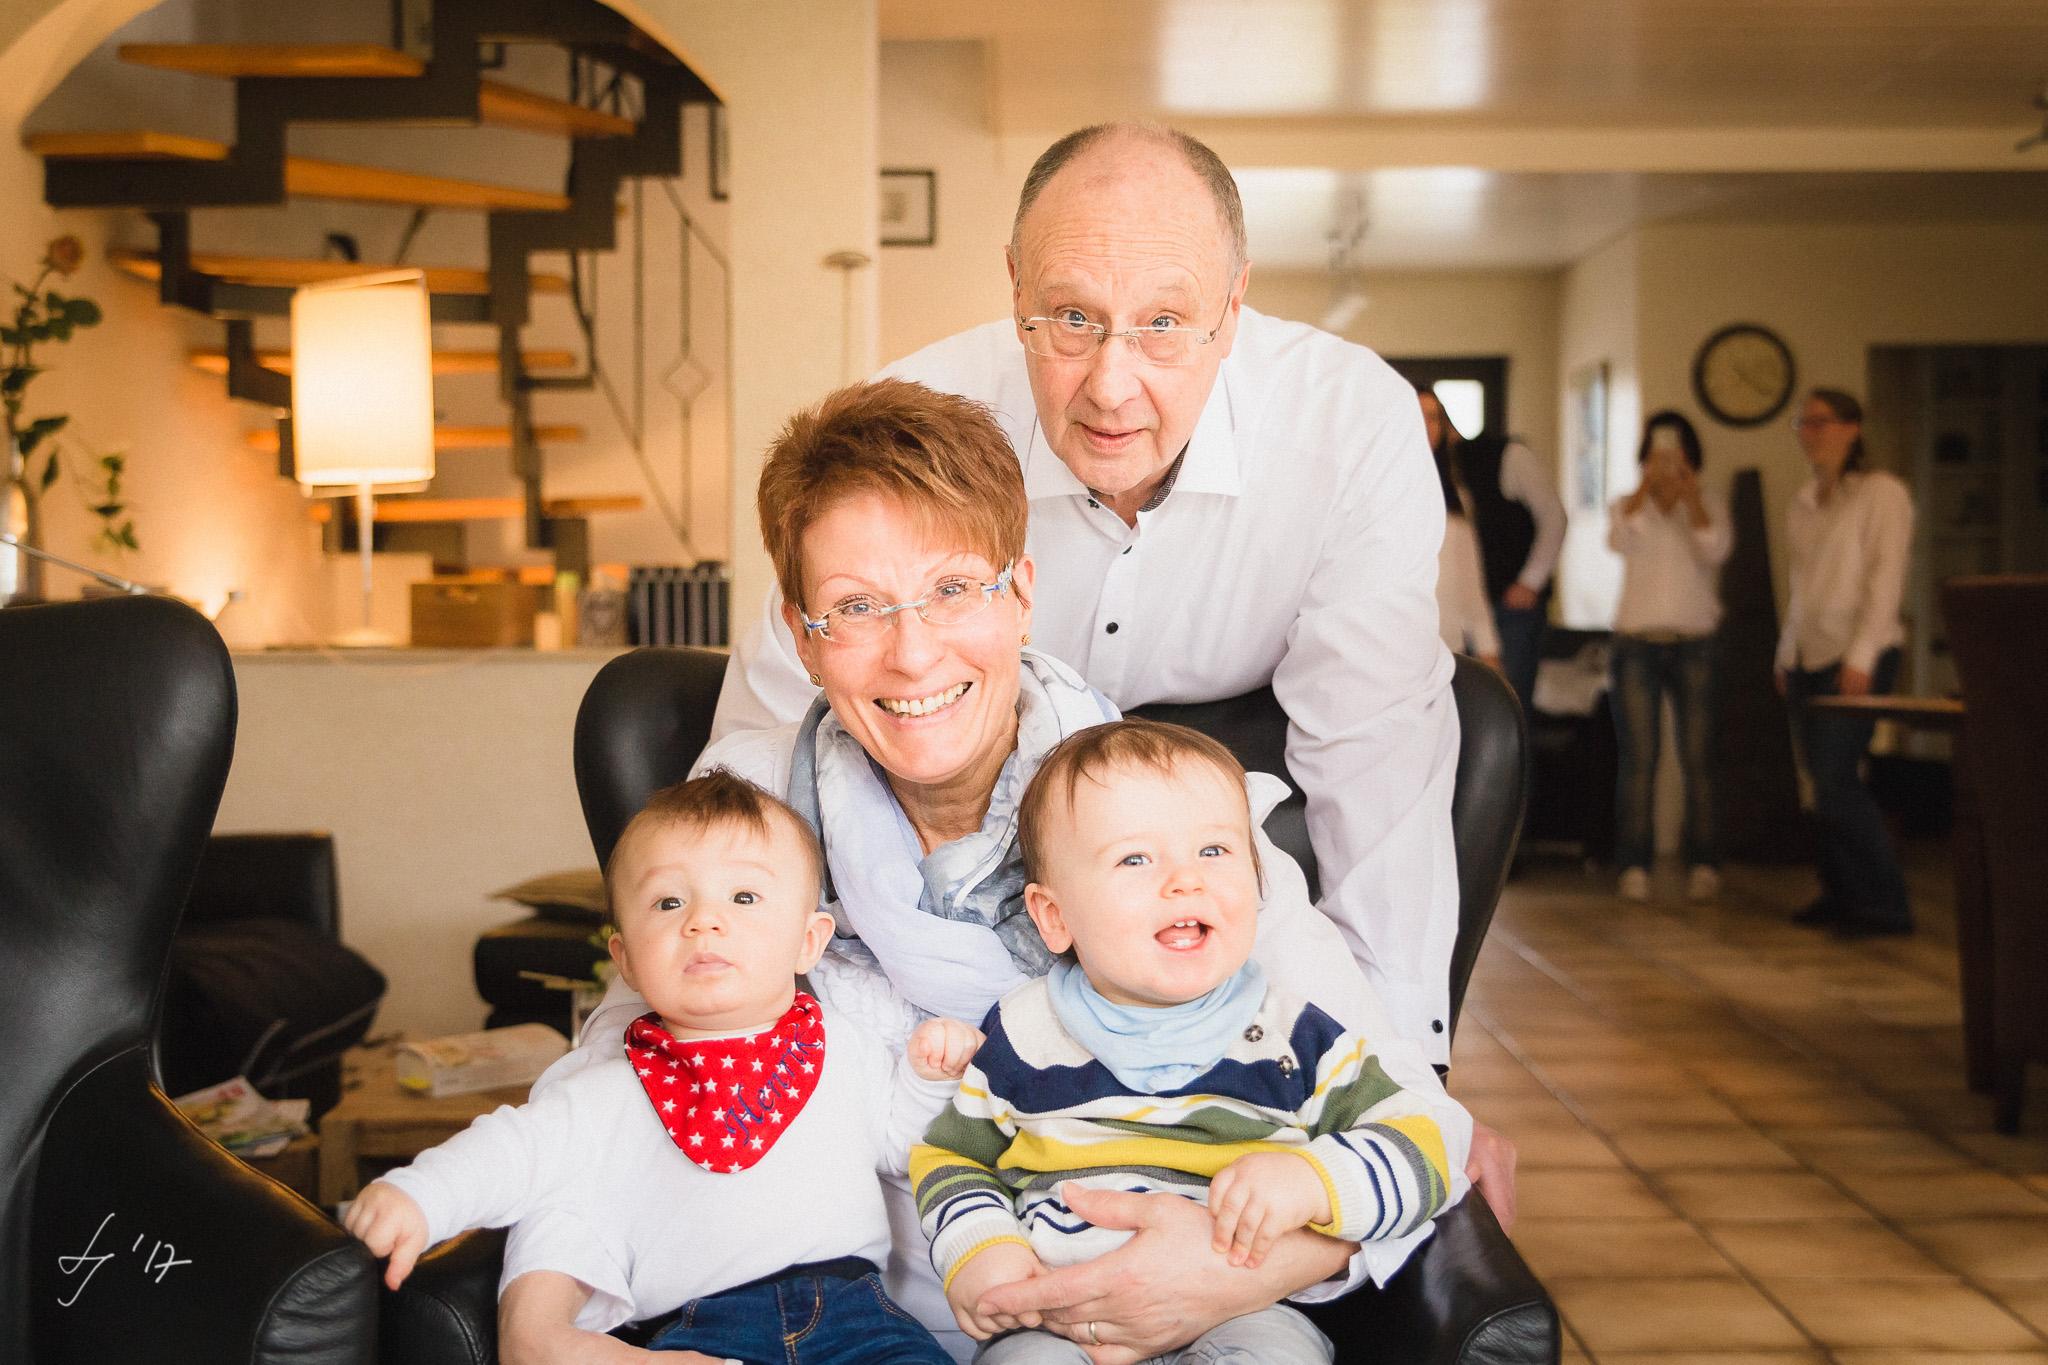 LS-Photographie-Fotograf-Dueren-Lehmann-Familie